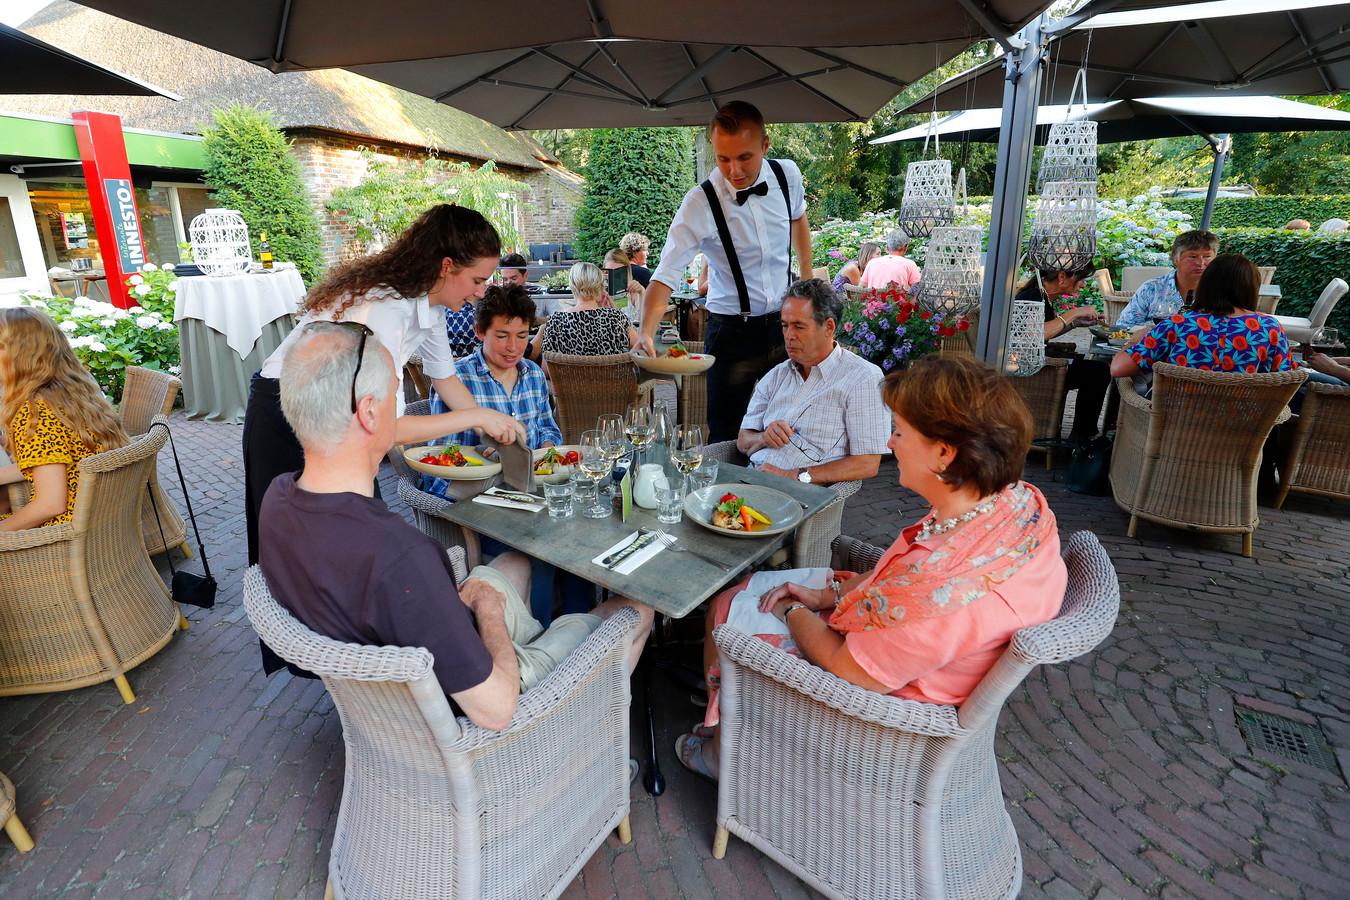 Onder de grote parasol van restaurant Innesto in Asten.